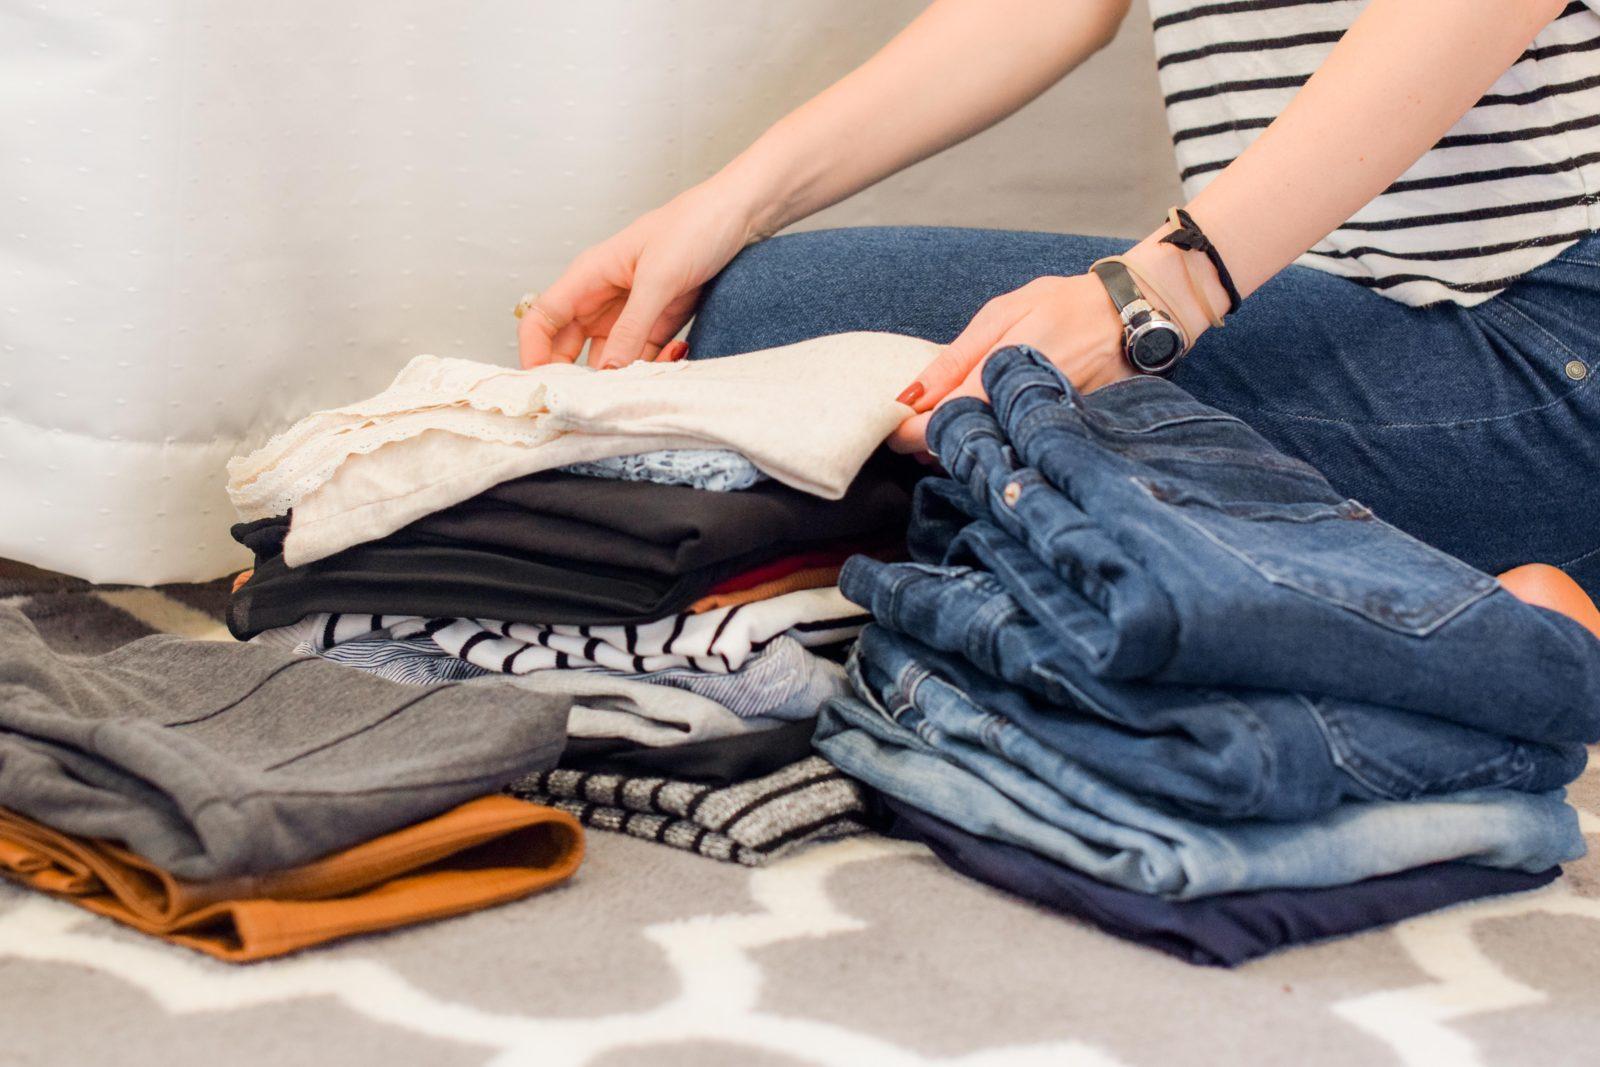 Photo montrant une femme prévoyant à l'avance les vêtements qu'elle va mettre dans sa valise